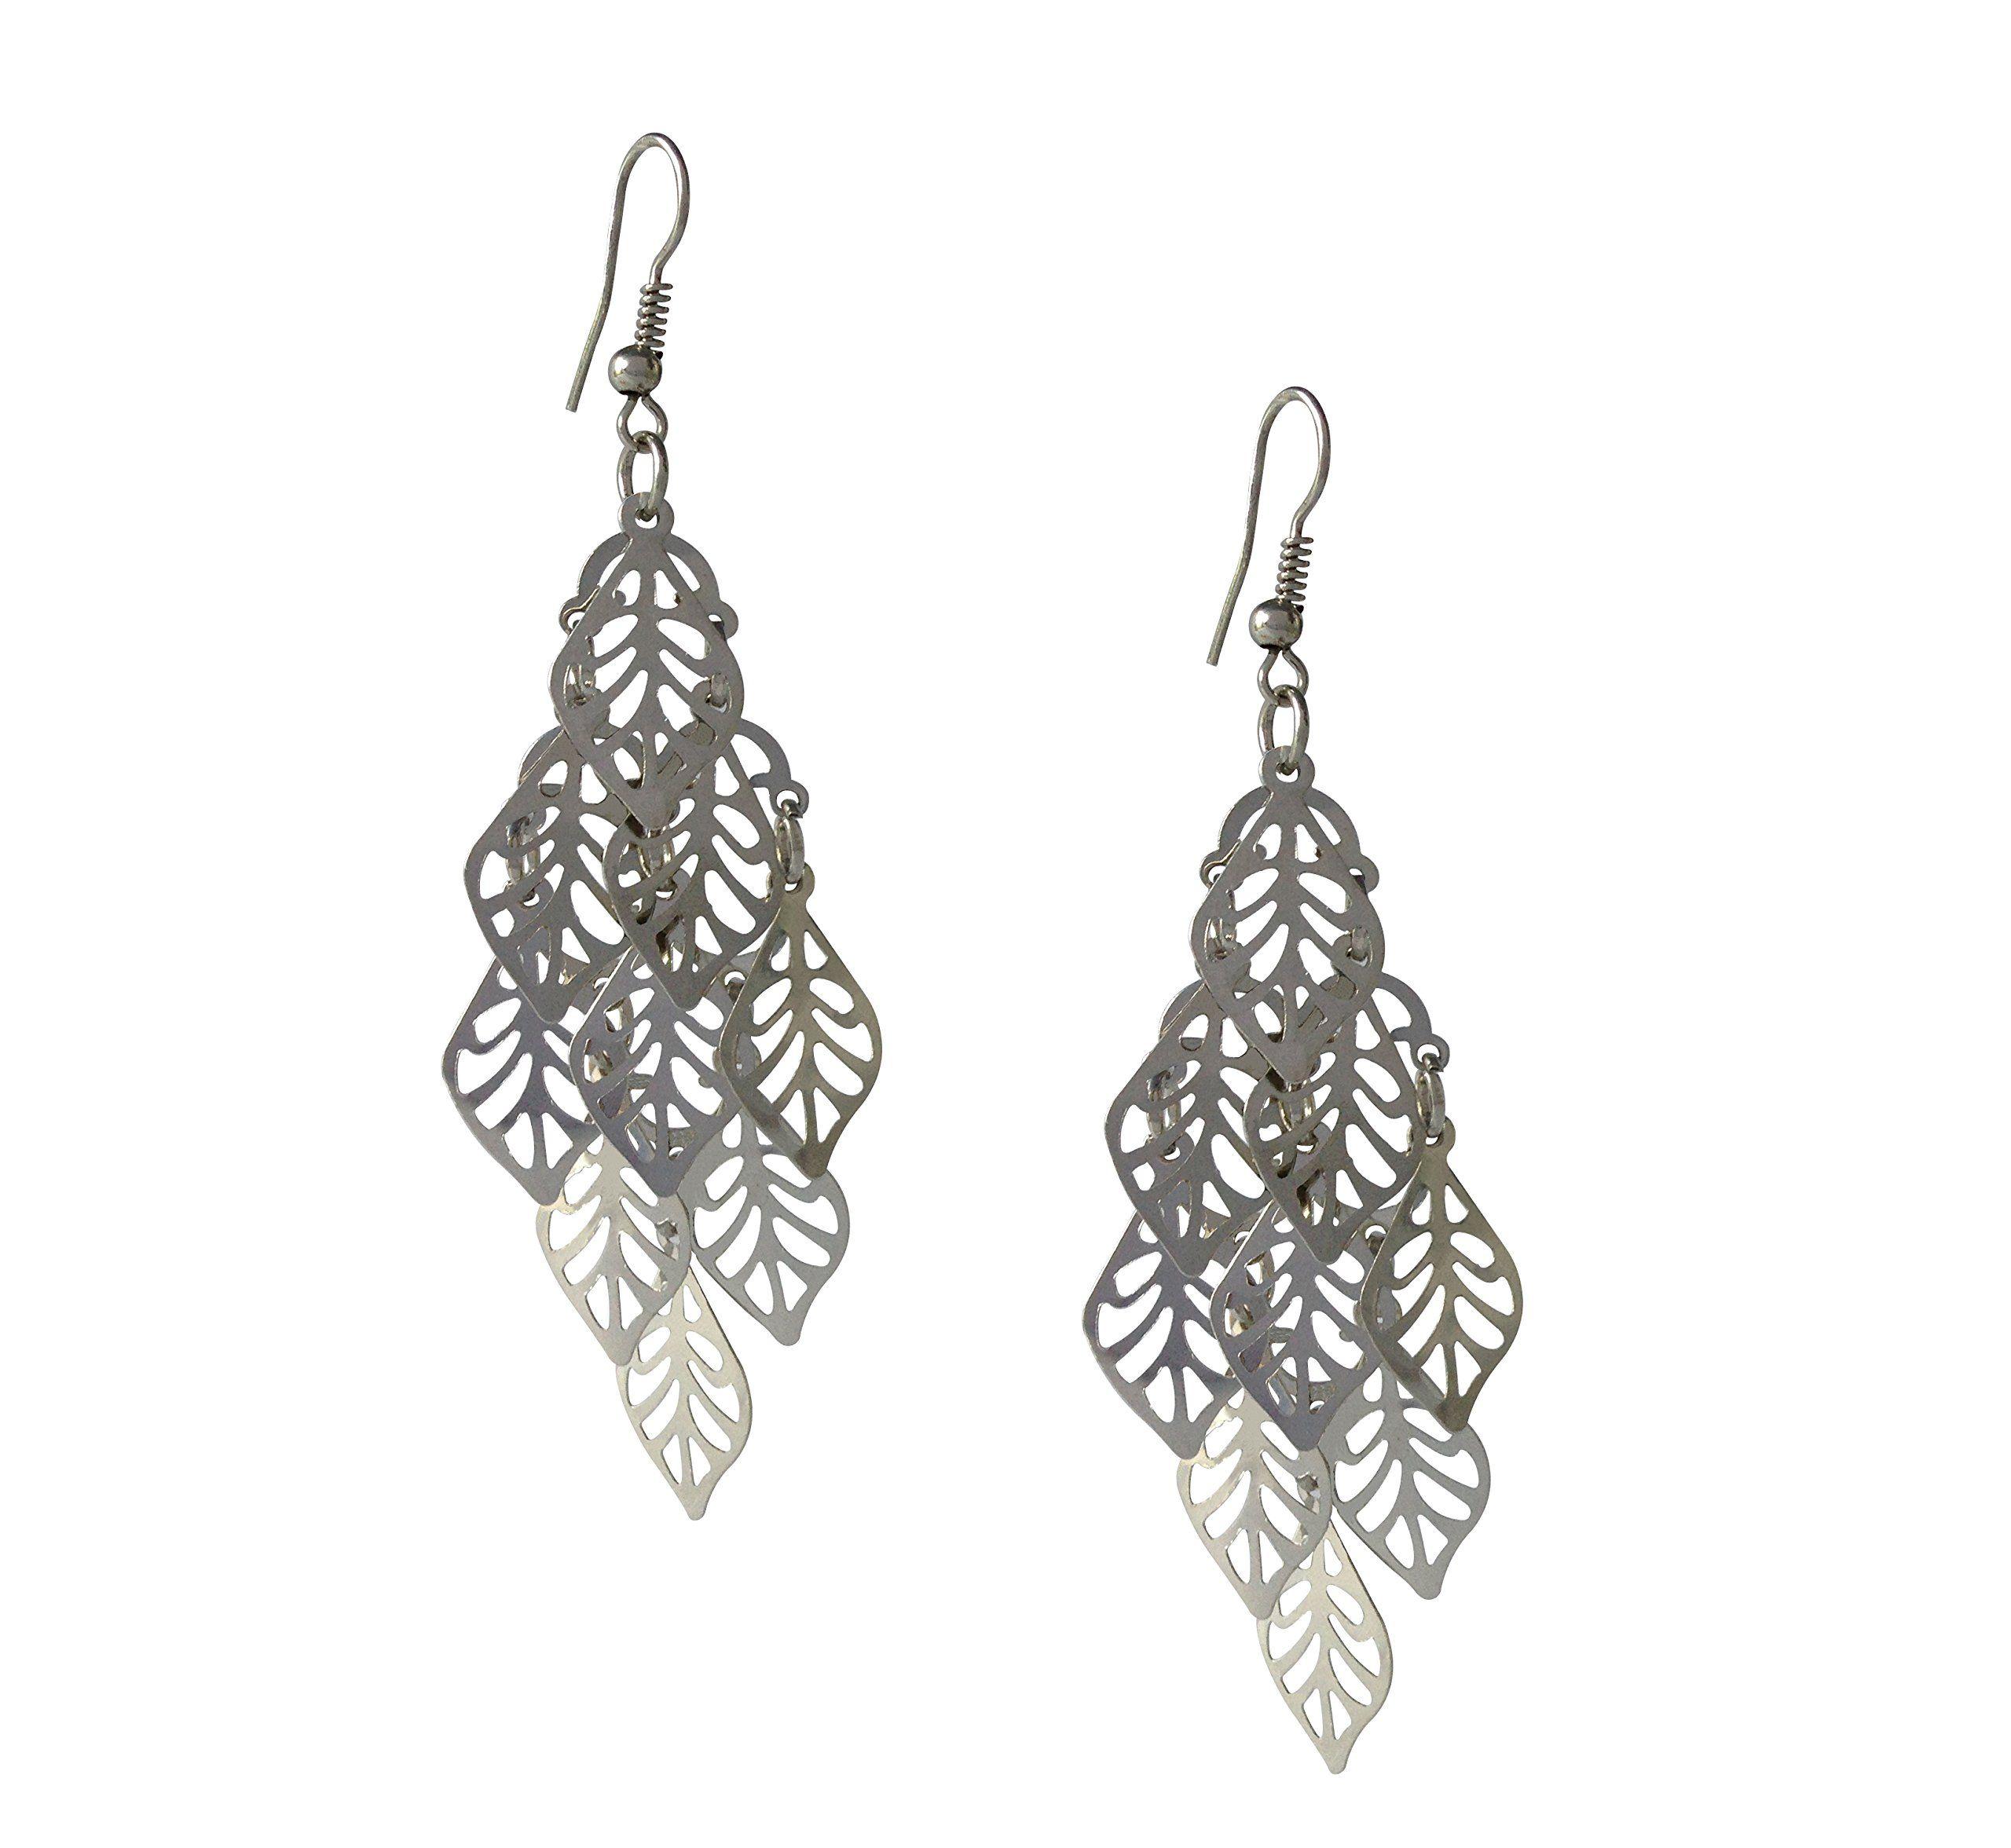 Silver chandelier dangle earrings lightweight and sassy stylish amazon silver chandelier dangle earrings lightweight and sassy jewelry arubaitofo Choice Image